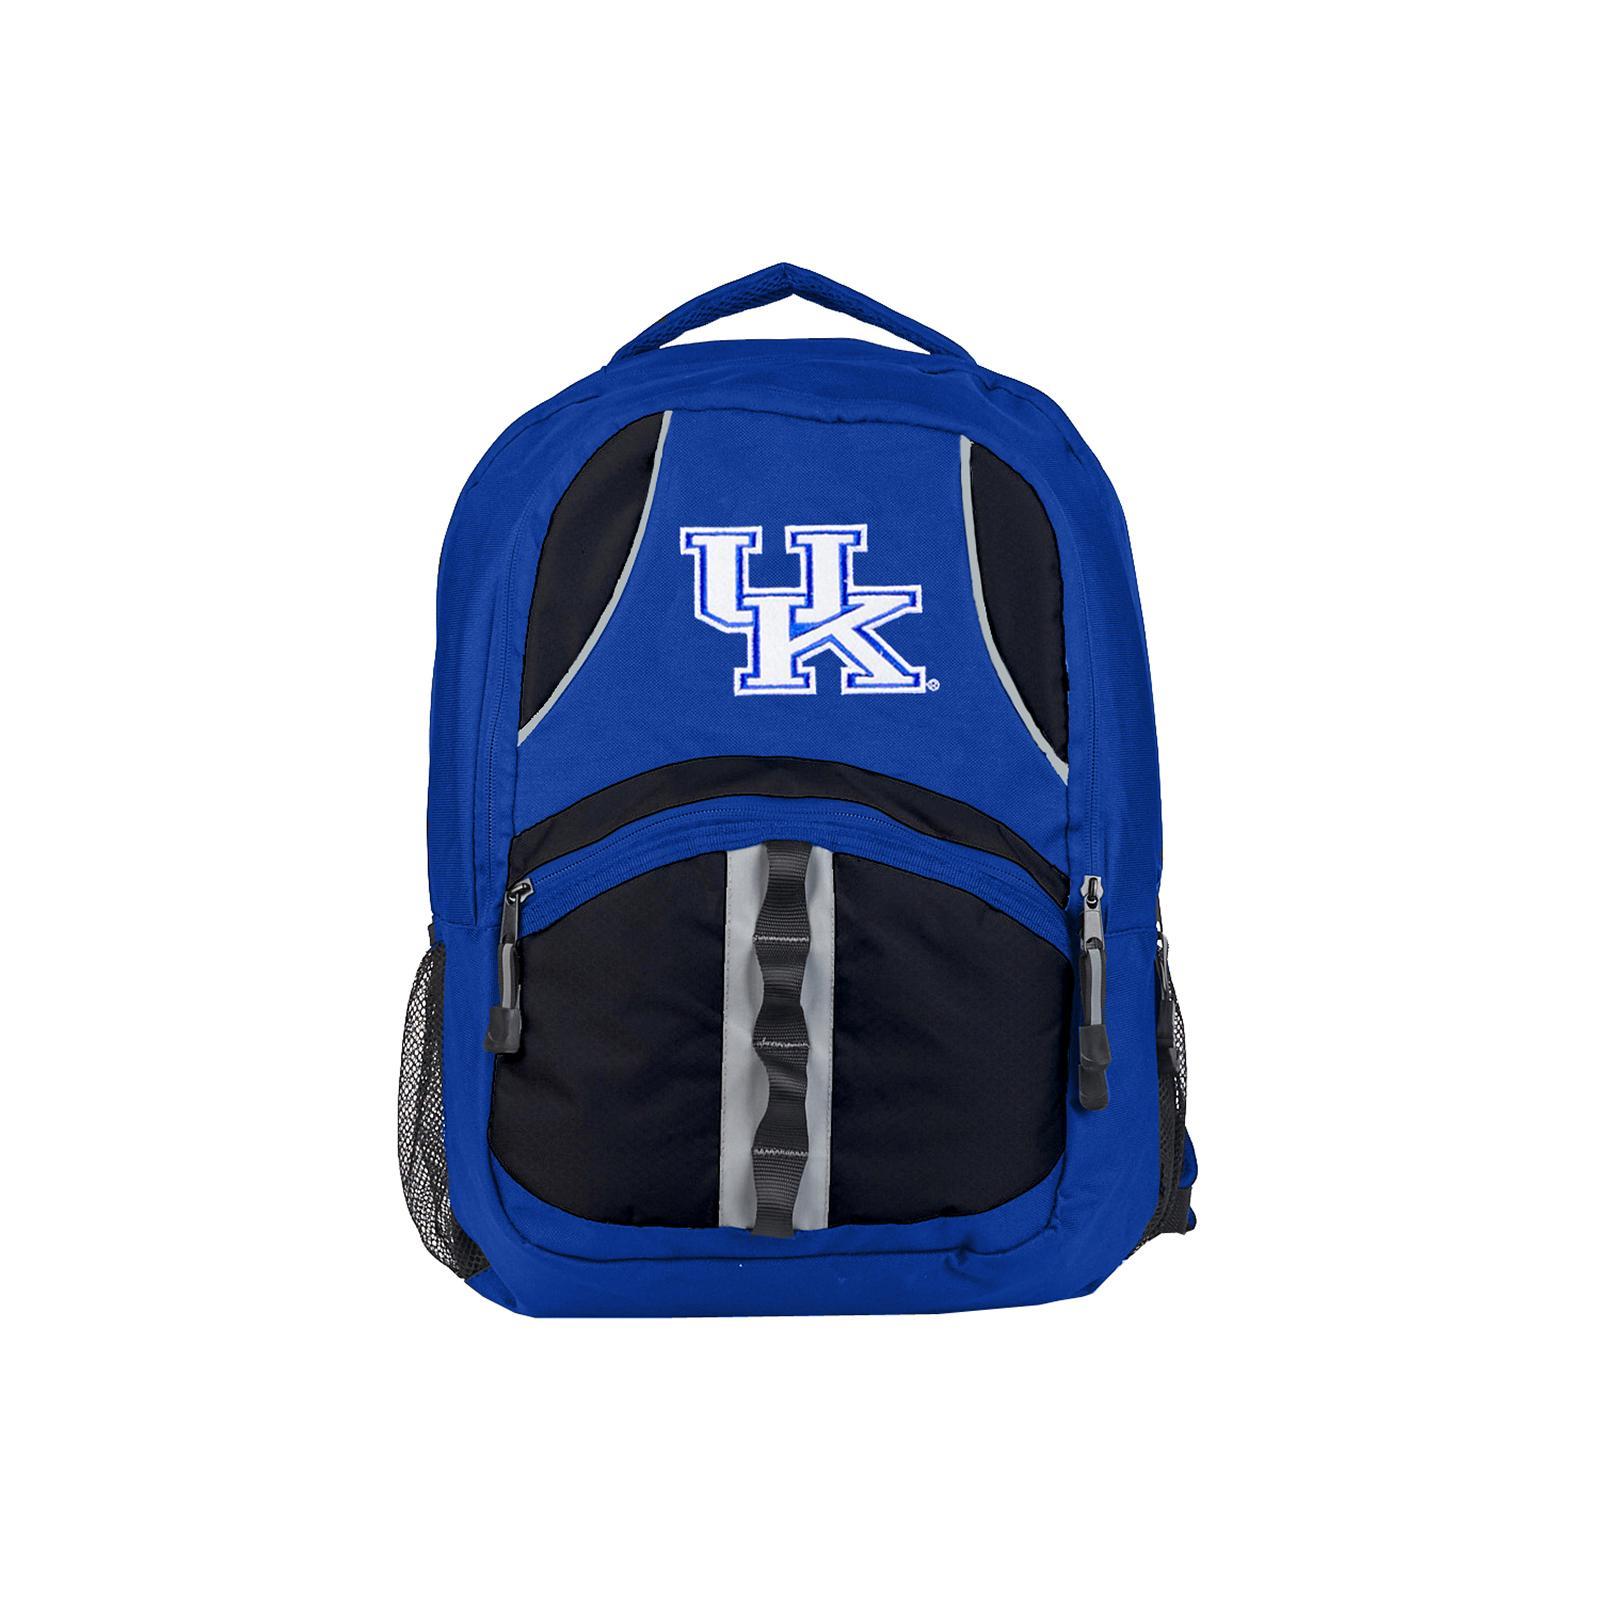 Backpack - Kentucky Wildcats